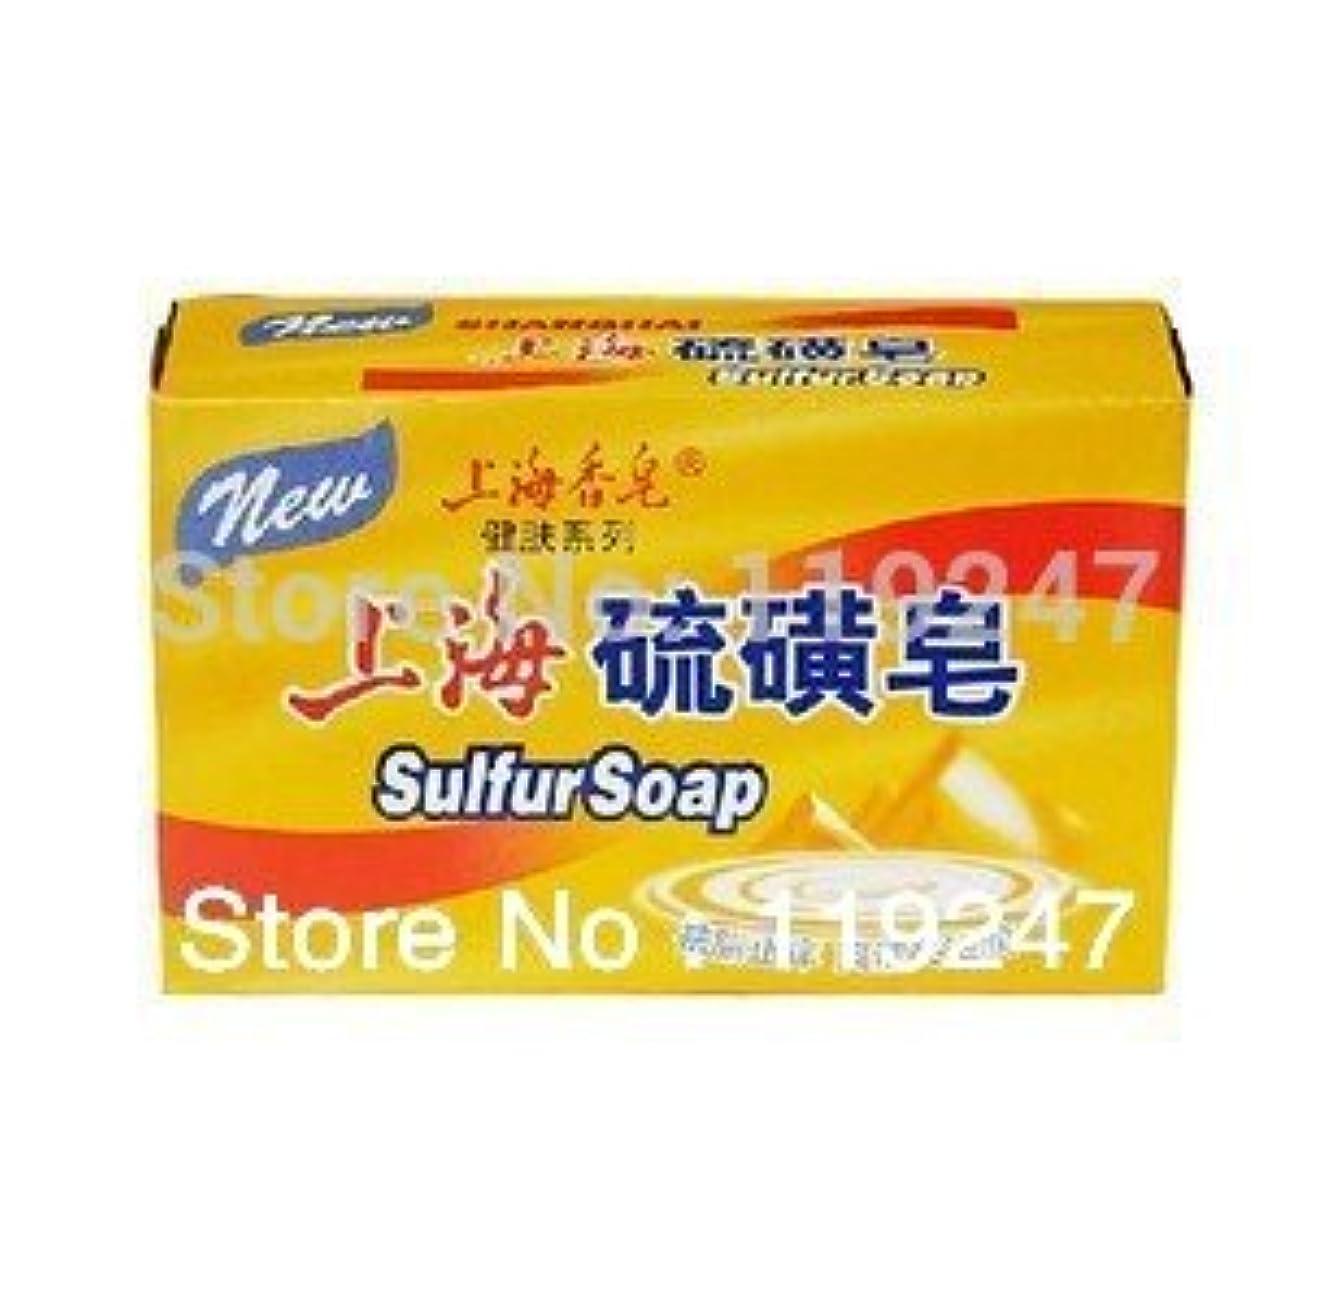 シェトランド諸島スズメバチ一緒にLorny (TM) 上海硫黄石鹸アンチ菌ダニ、ストップかゆみ125グラム格安 [並行輸入品]